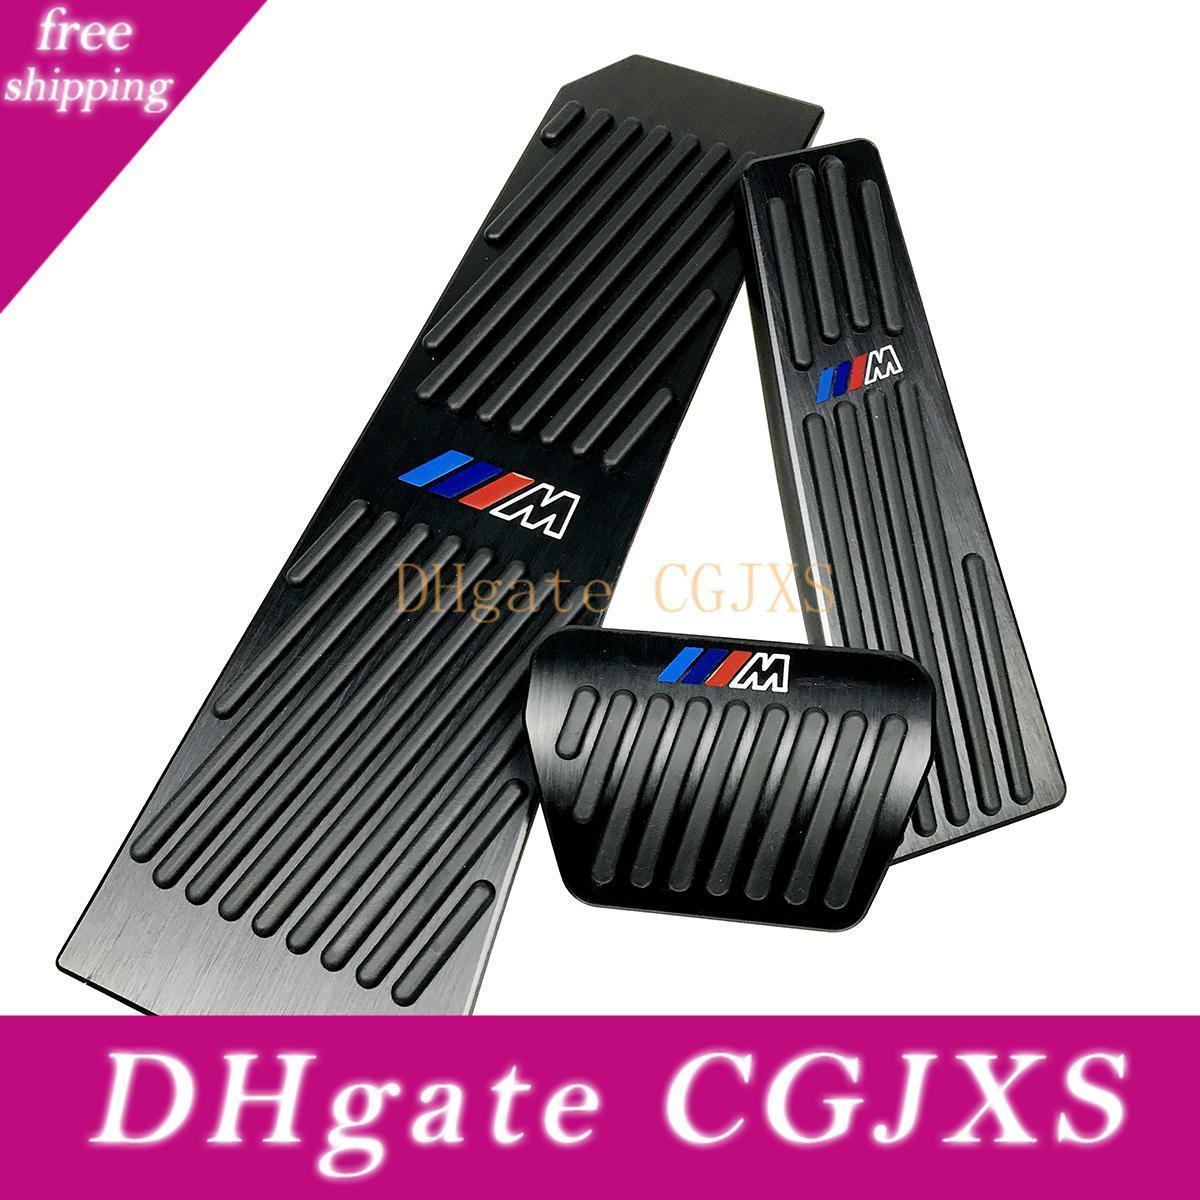 F16 Z4 Copertura per pedale del freno a gas senza trapano per serie 1 7 F36 X4 E71. F30 F32 F15 F20 G11 5 F25 F10 F26 X6 5 F01 4 E70 3 2 F31 6 X3 F12 F34